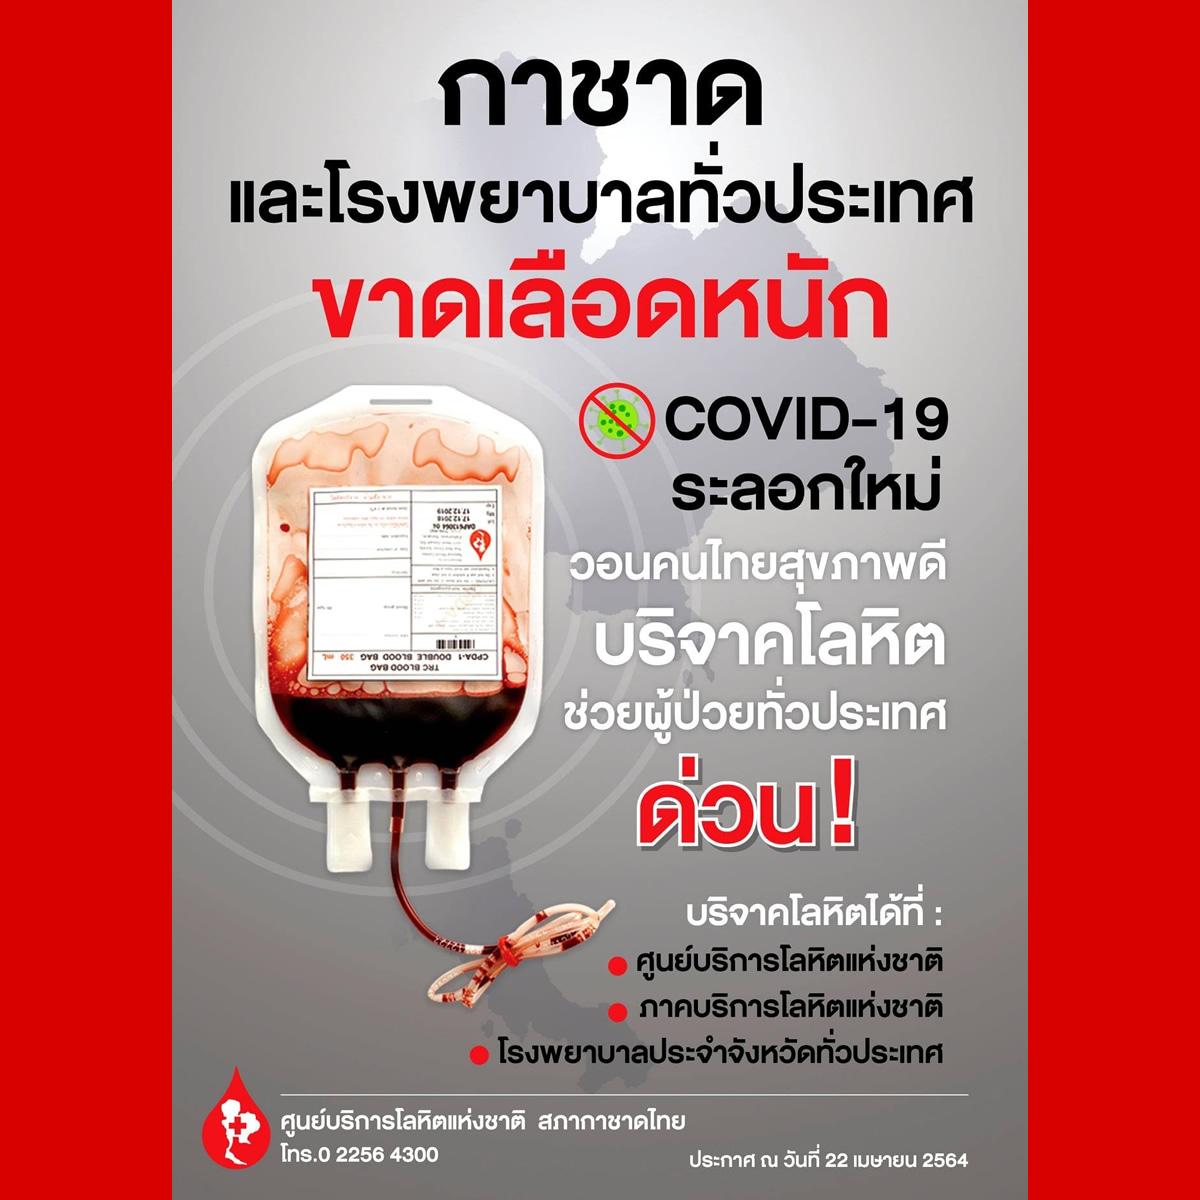 輸血用血液が不足、タイ赤十字などが献血を呼びかけ